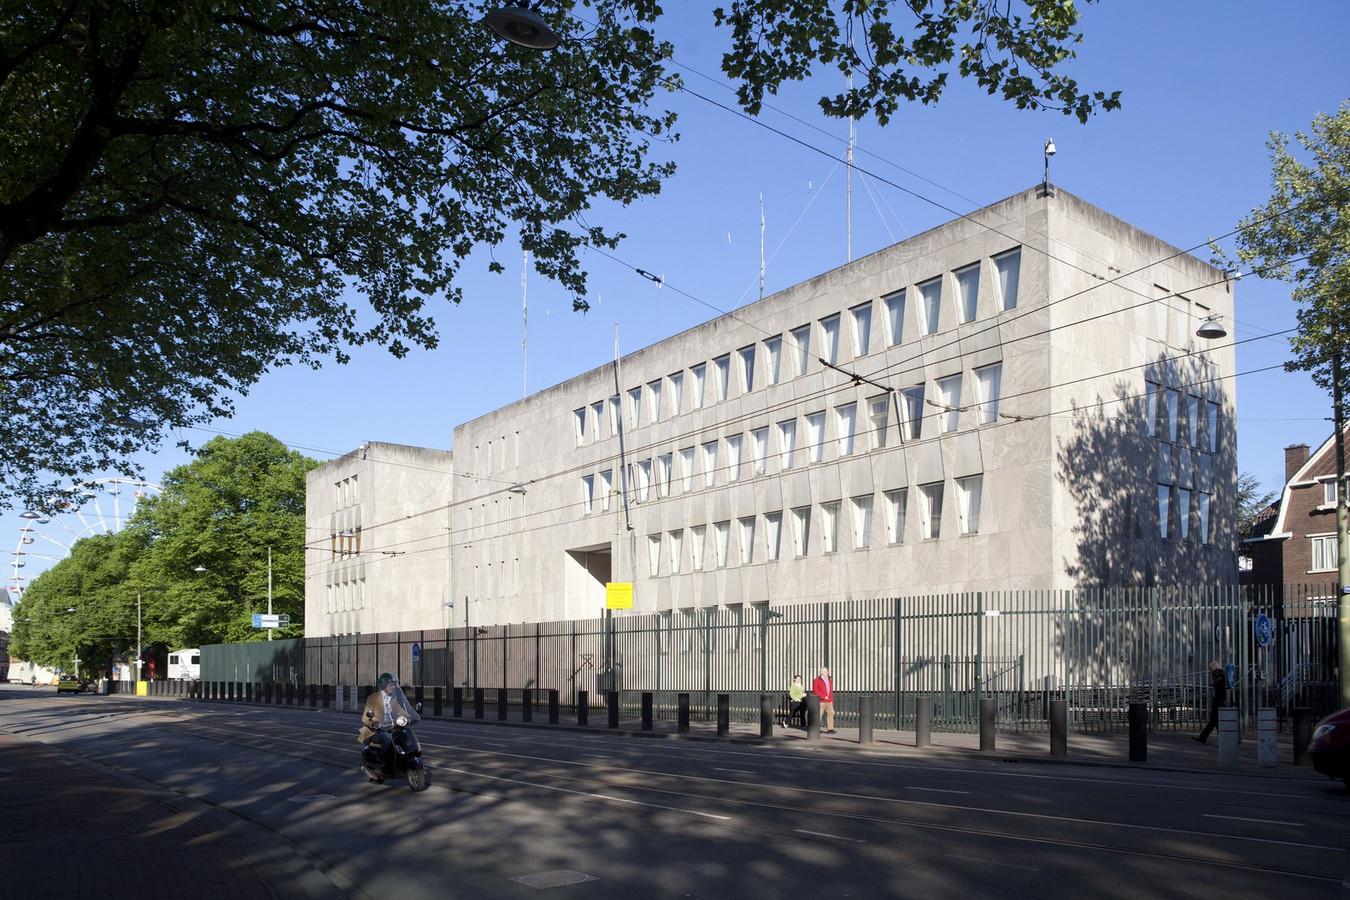 De huidige Amerikaanse ambassade aan het Lange Voorhout in Den Haag. Omdat sinds 9/11 veel zwaardere veiligheidsmaatregelen nodig zijn, willen de Amerikanen verhuizen naar een veiligere plek. Die werd na een jarenlange zoektocht gevonden in Wassenaar, vlak aan de Rijksstraatweg.